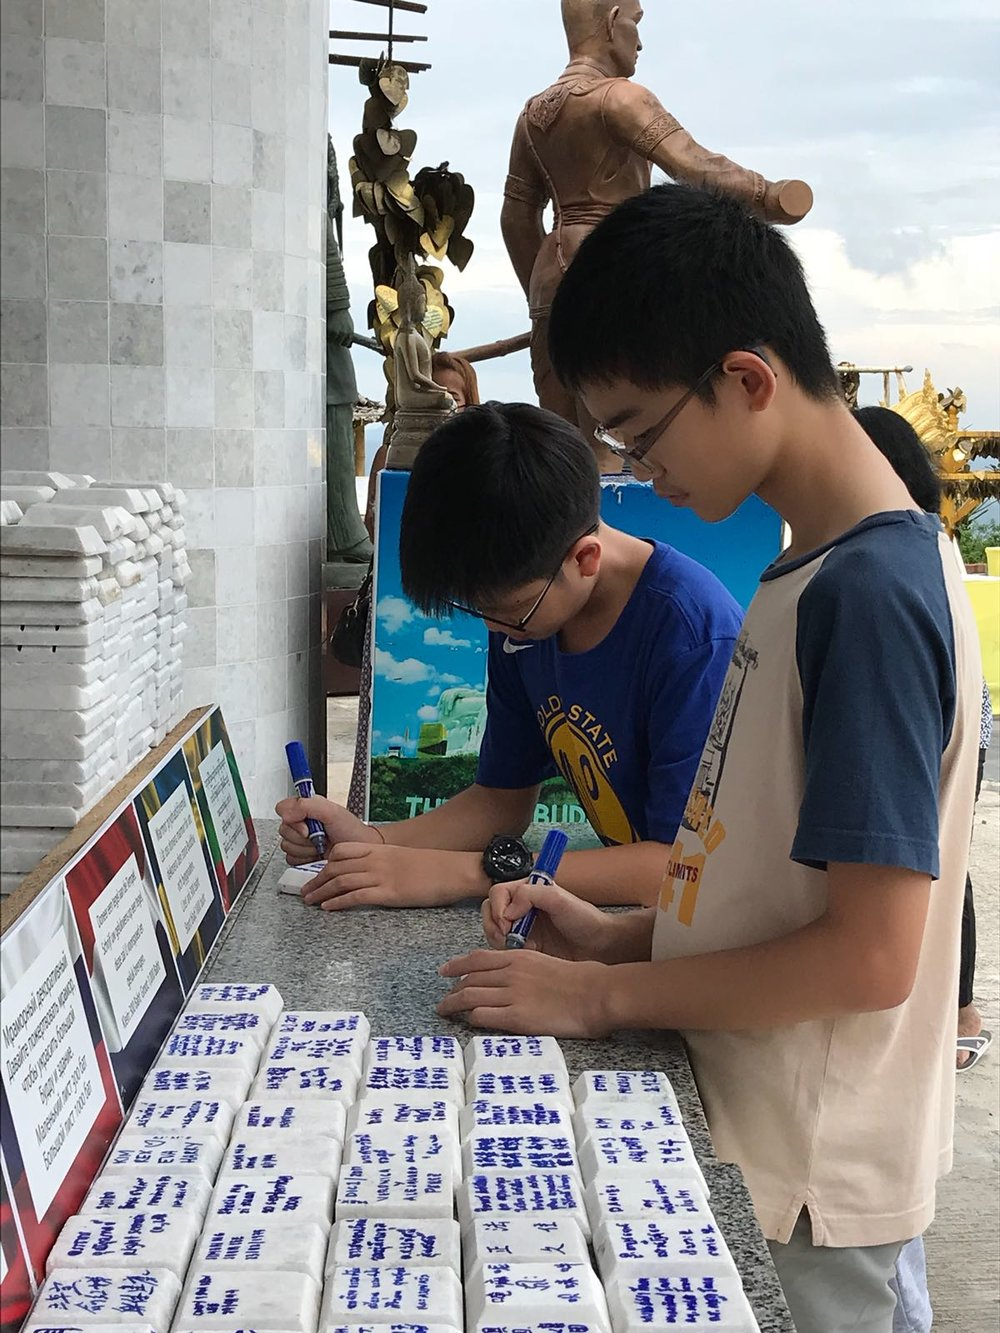 孩子们签瓦祝福寺院——正法久住